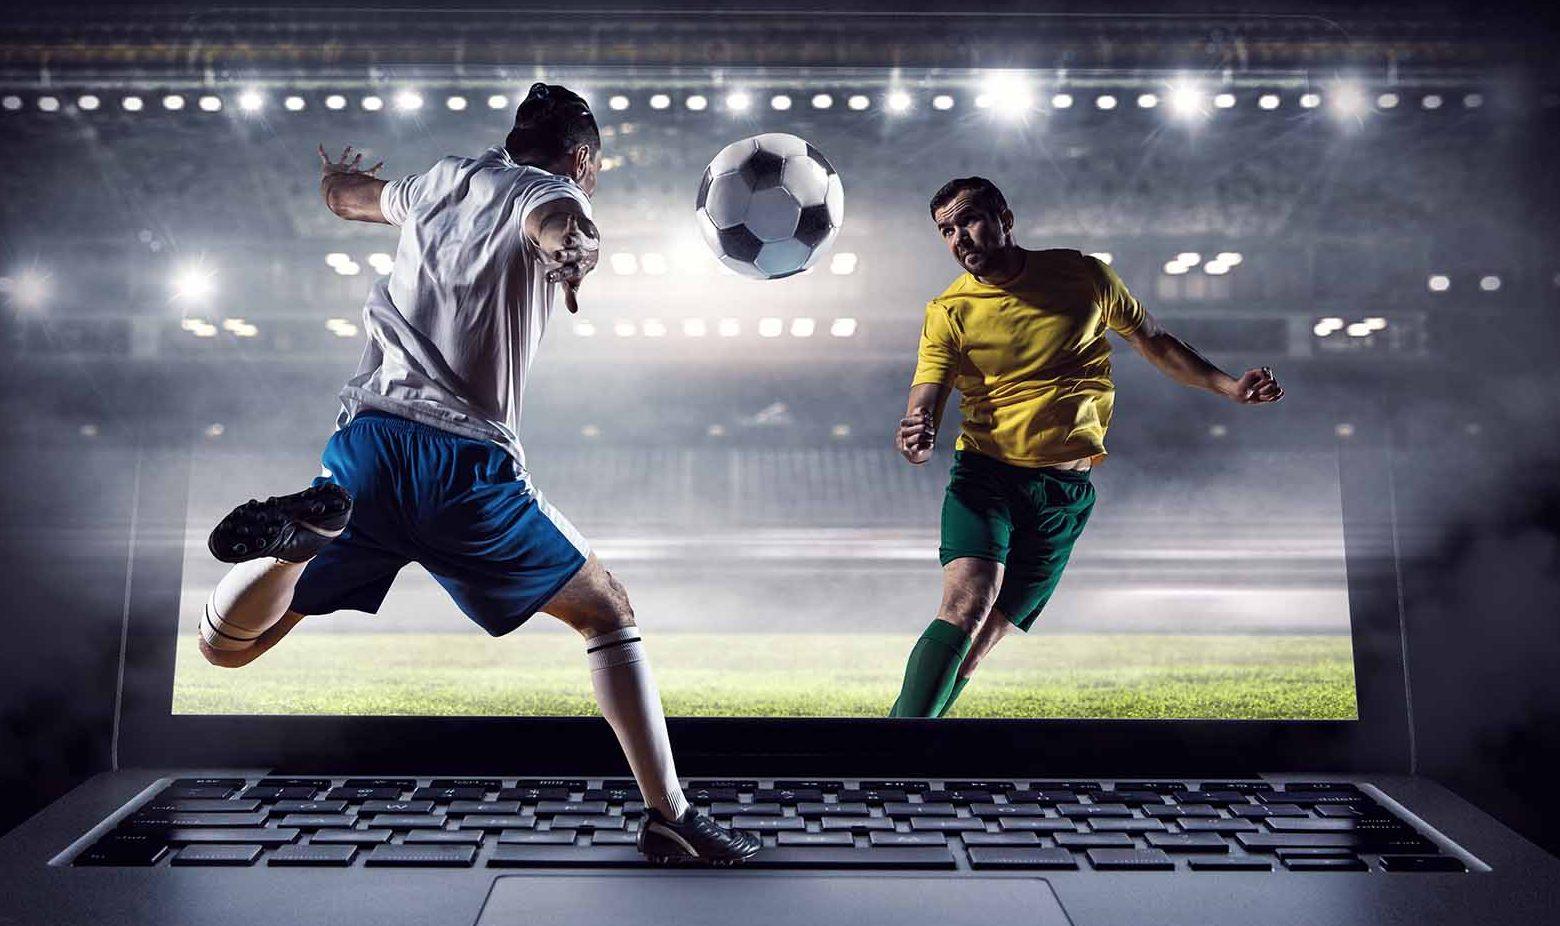 Ставки на футбол с достойными коэффициентами в БК Favorit